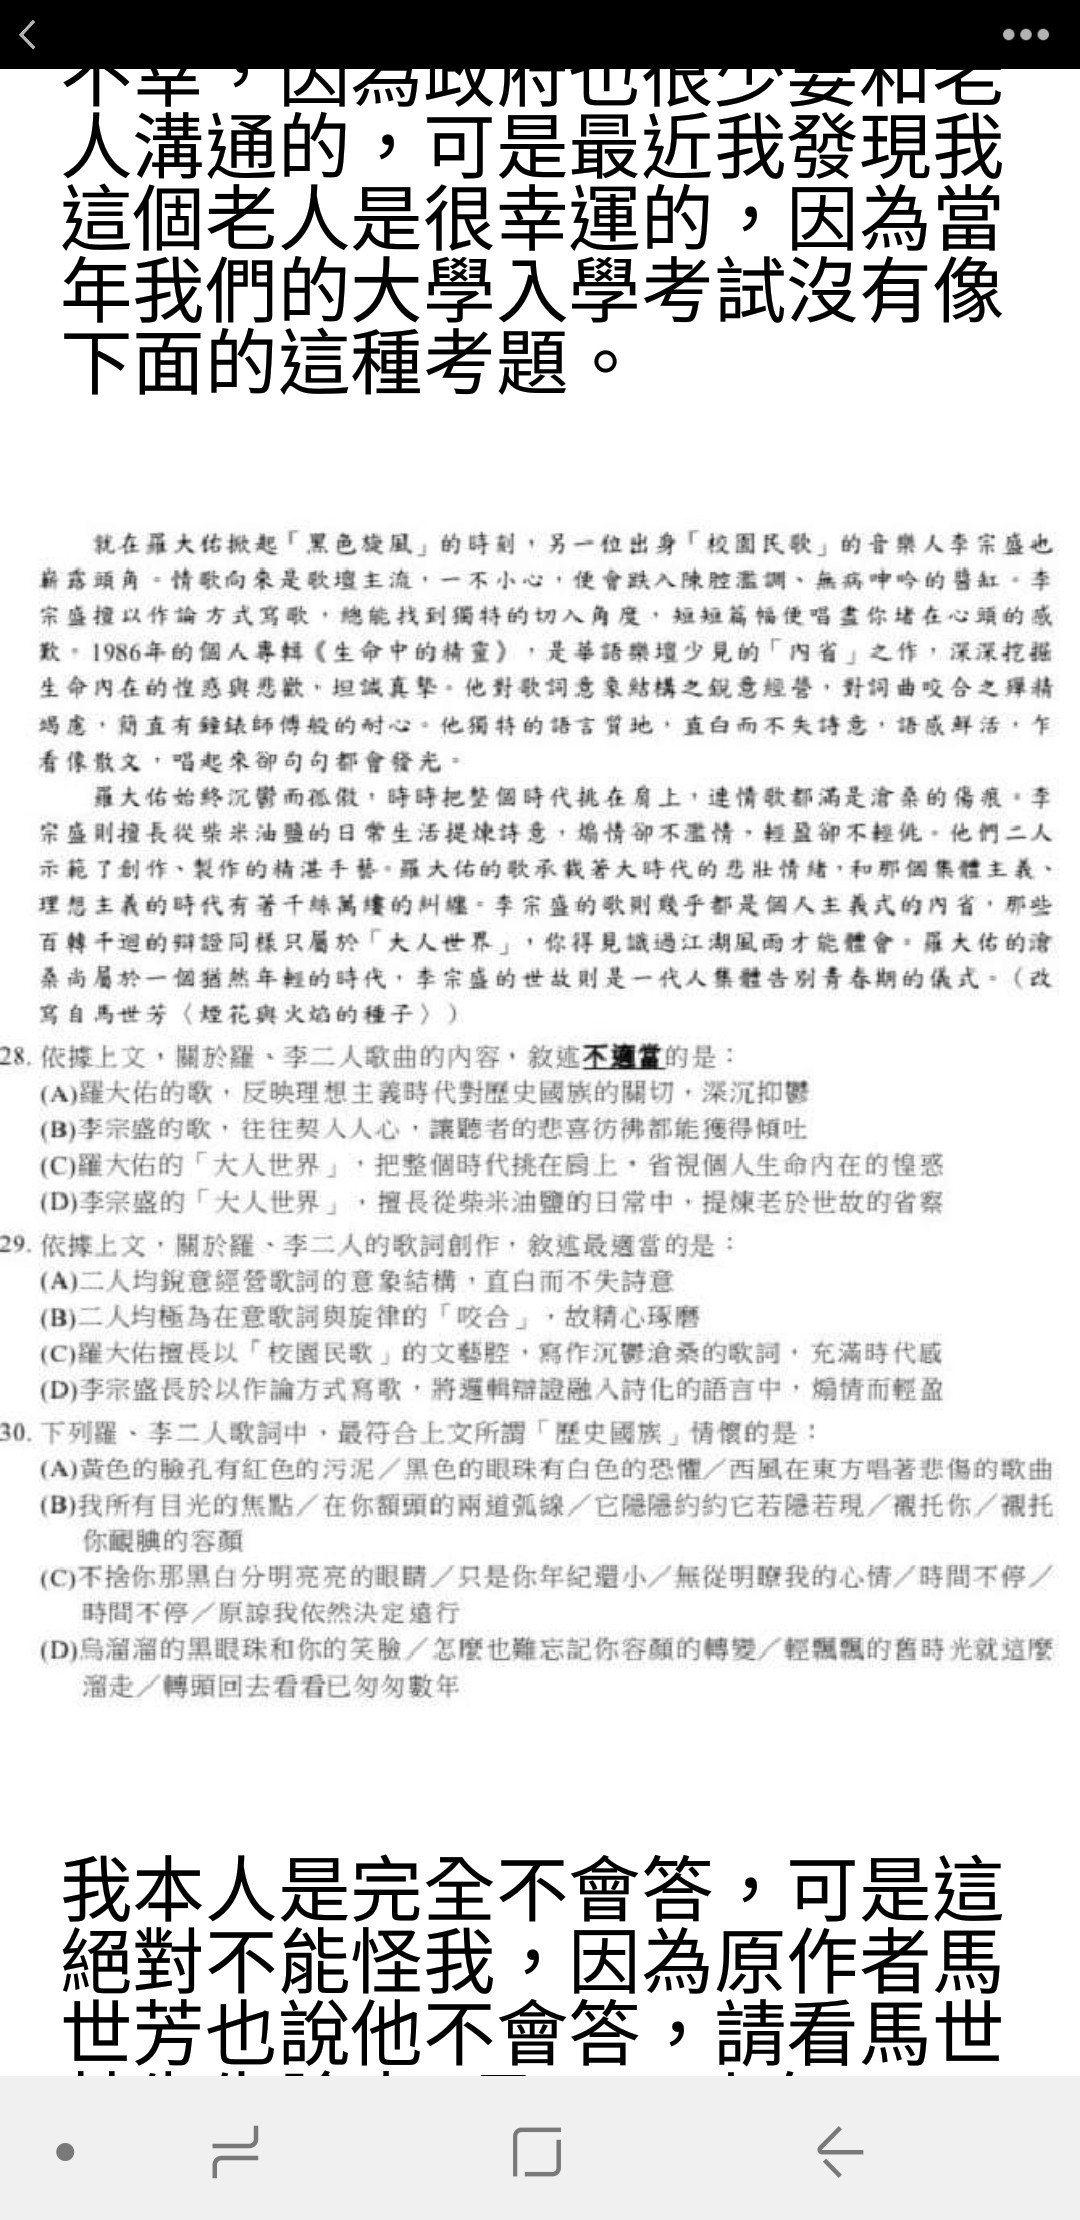 李家同發表文章表示對學測國文考題內容不以為然。圖/取自網路